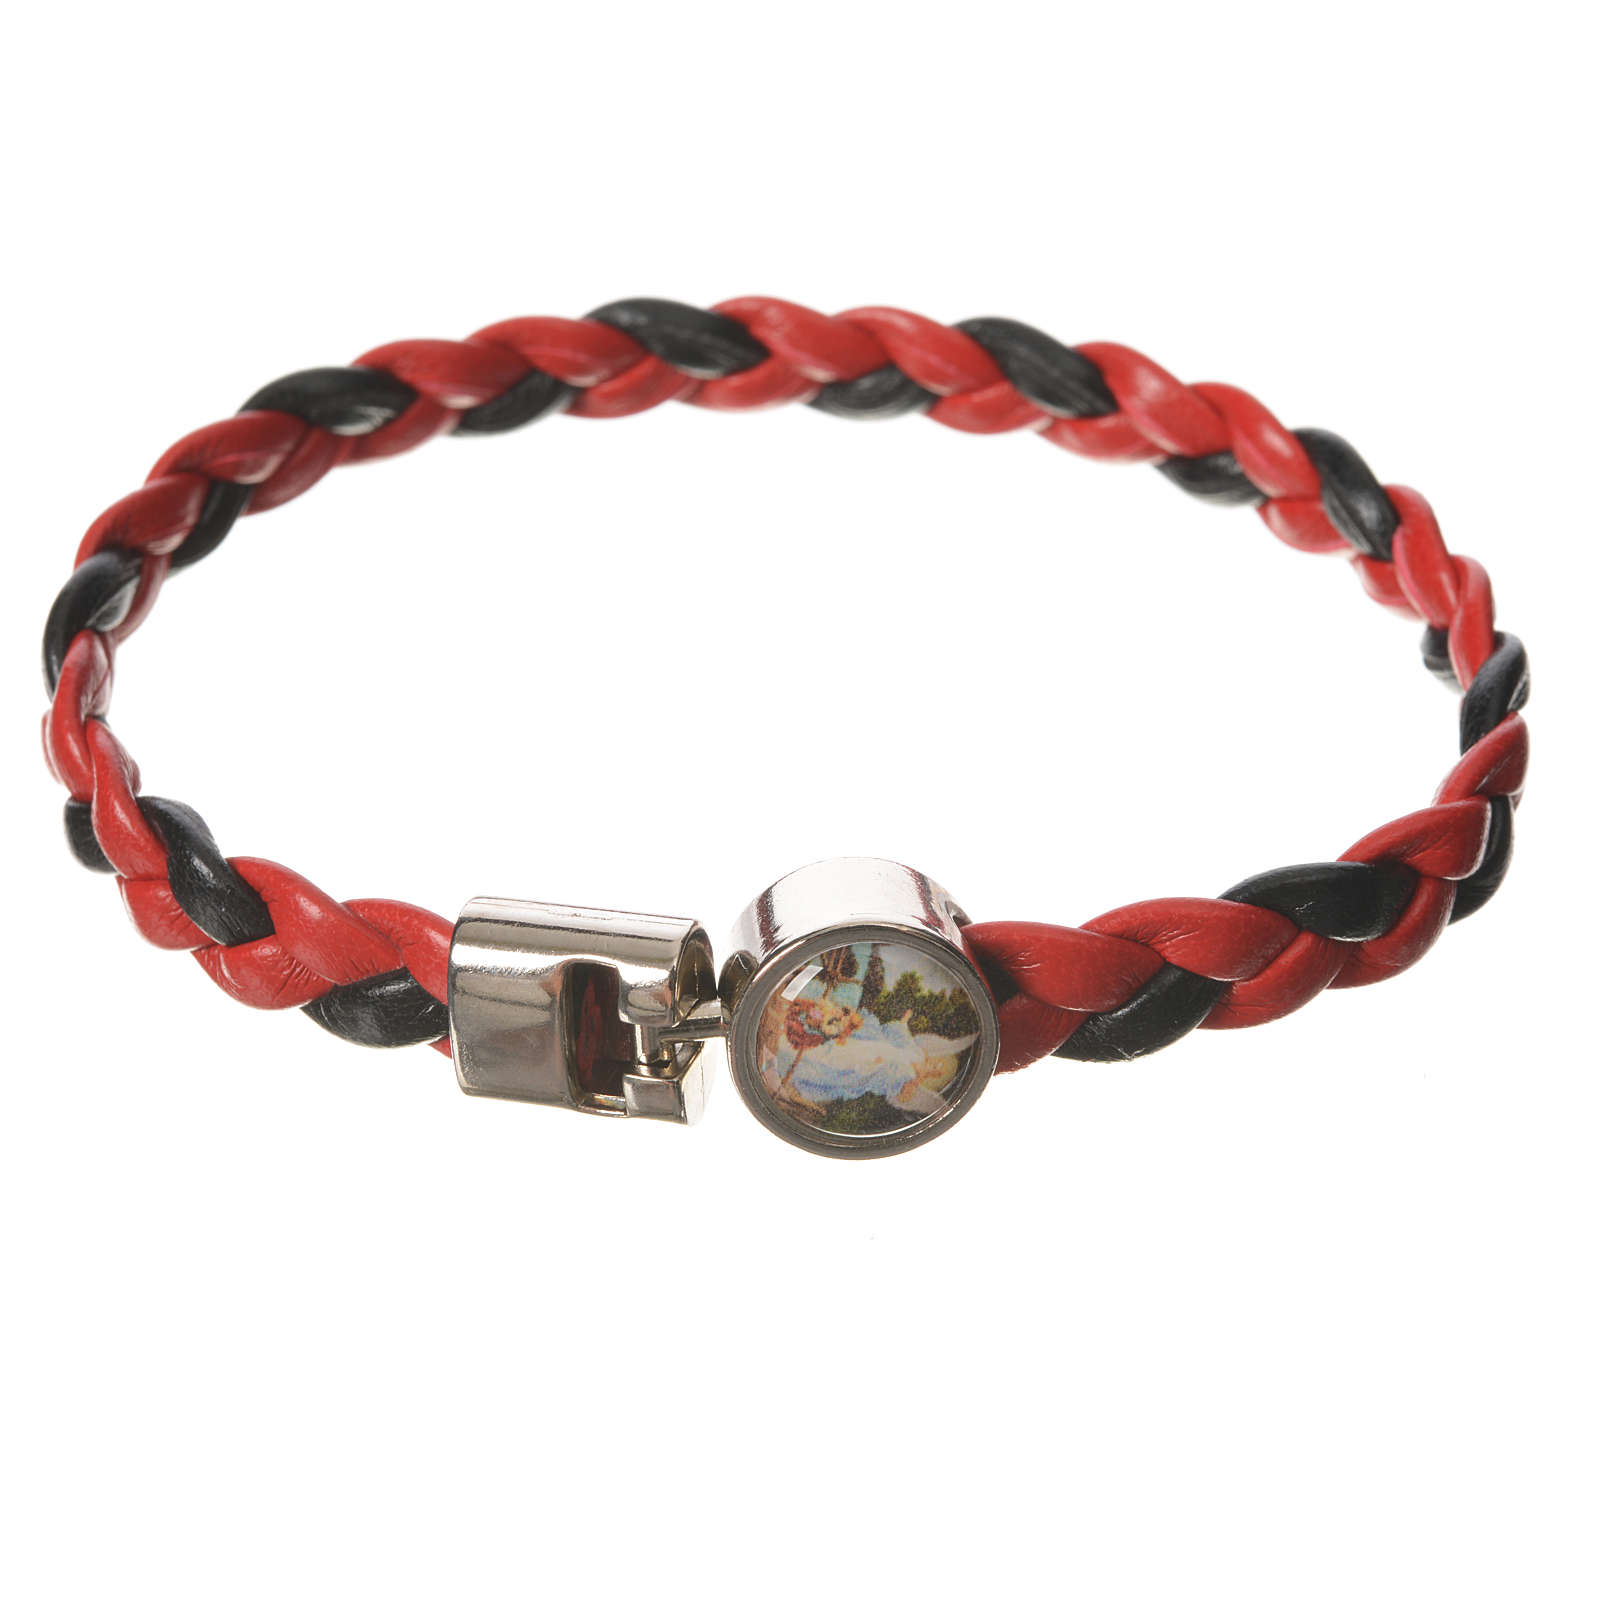 Bracciale intrecciato rosso nero 20cm Angelo 4